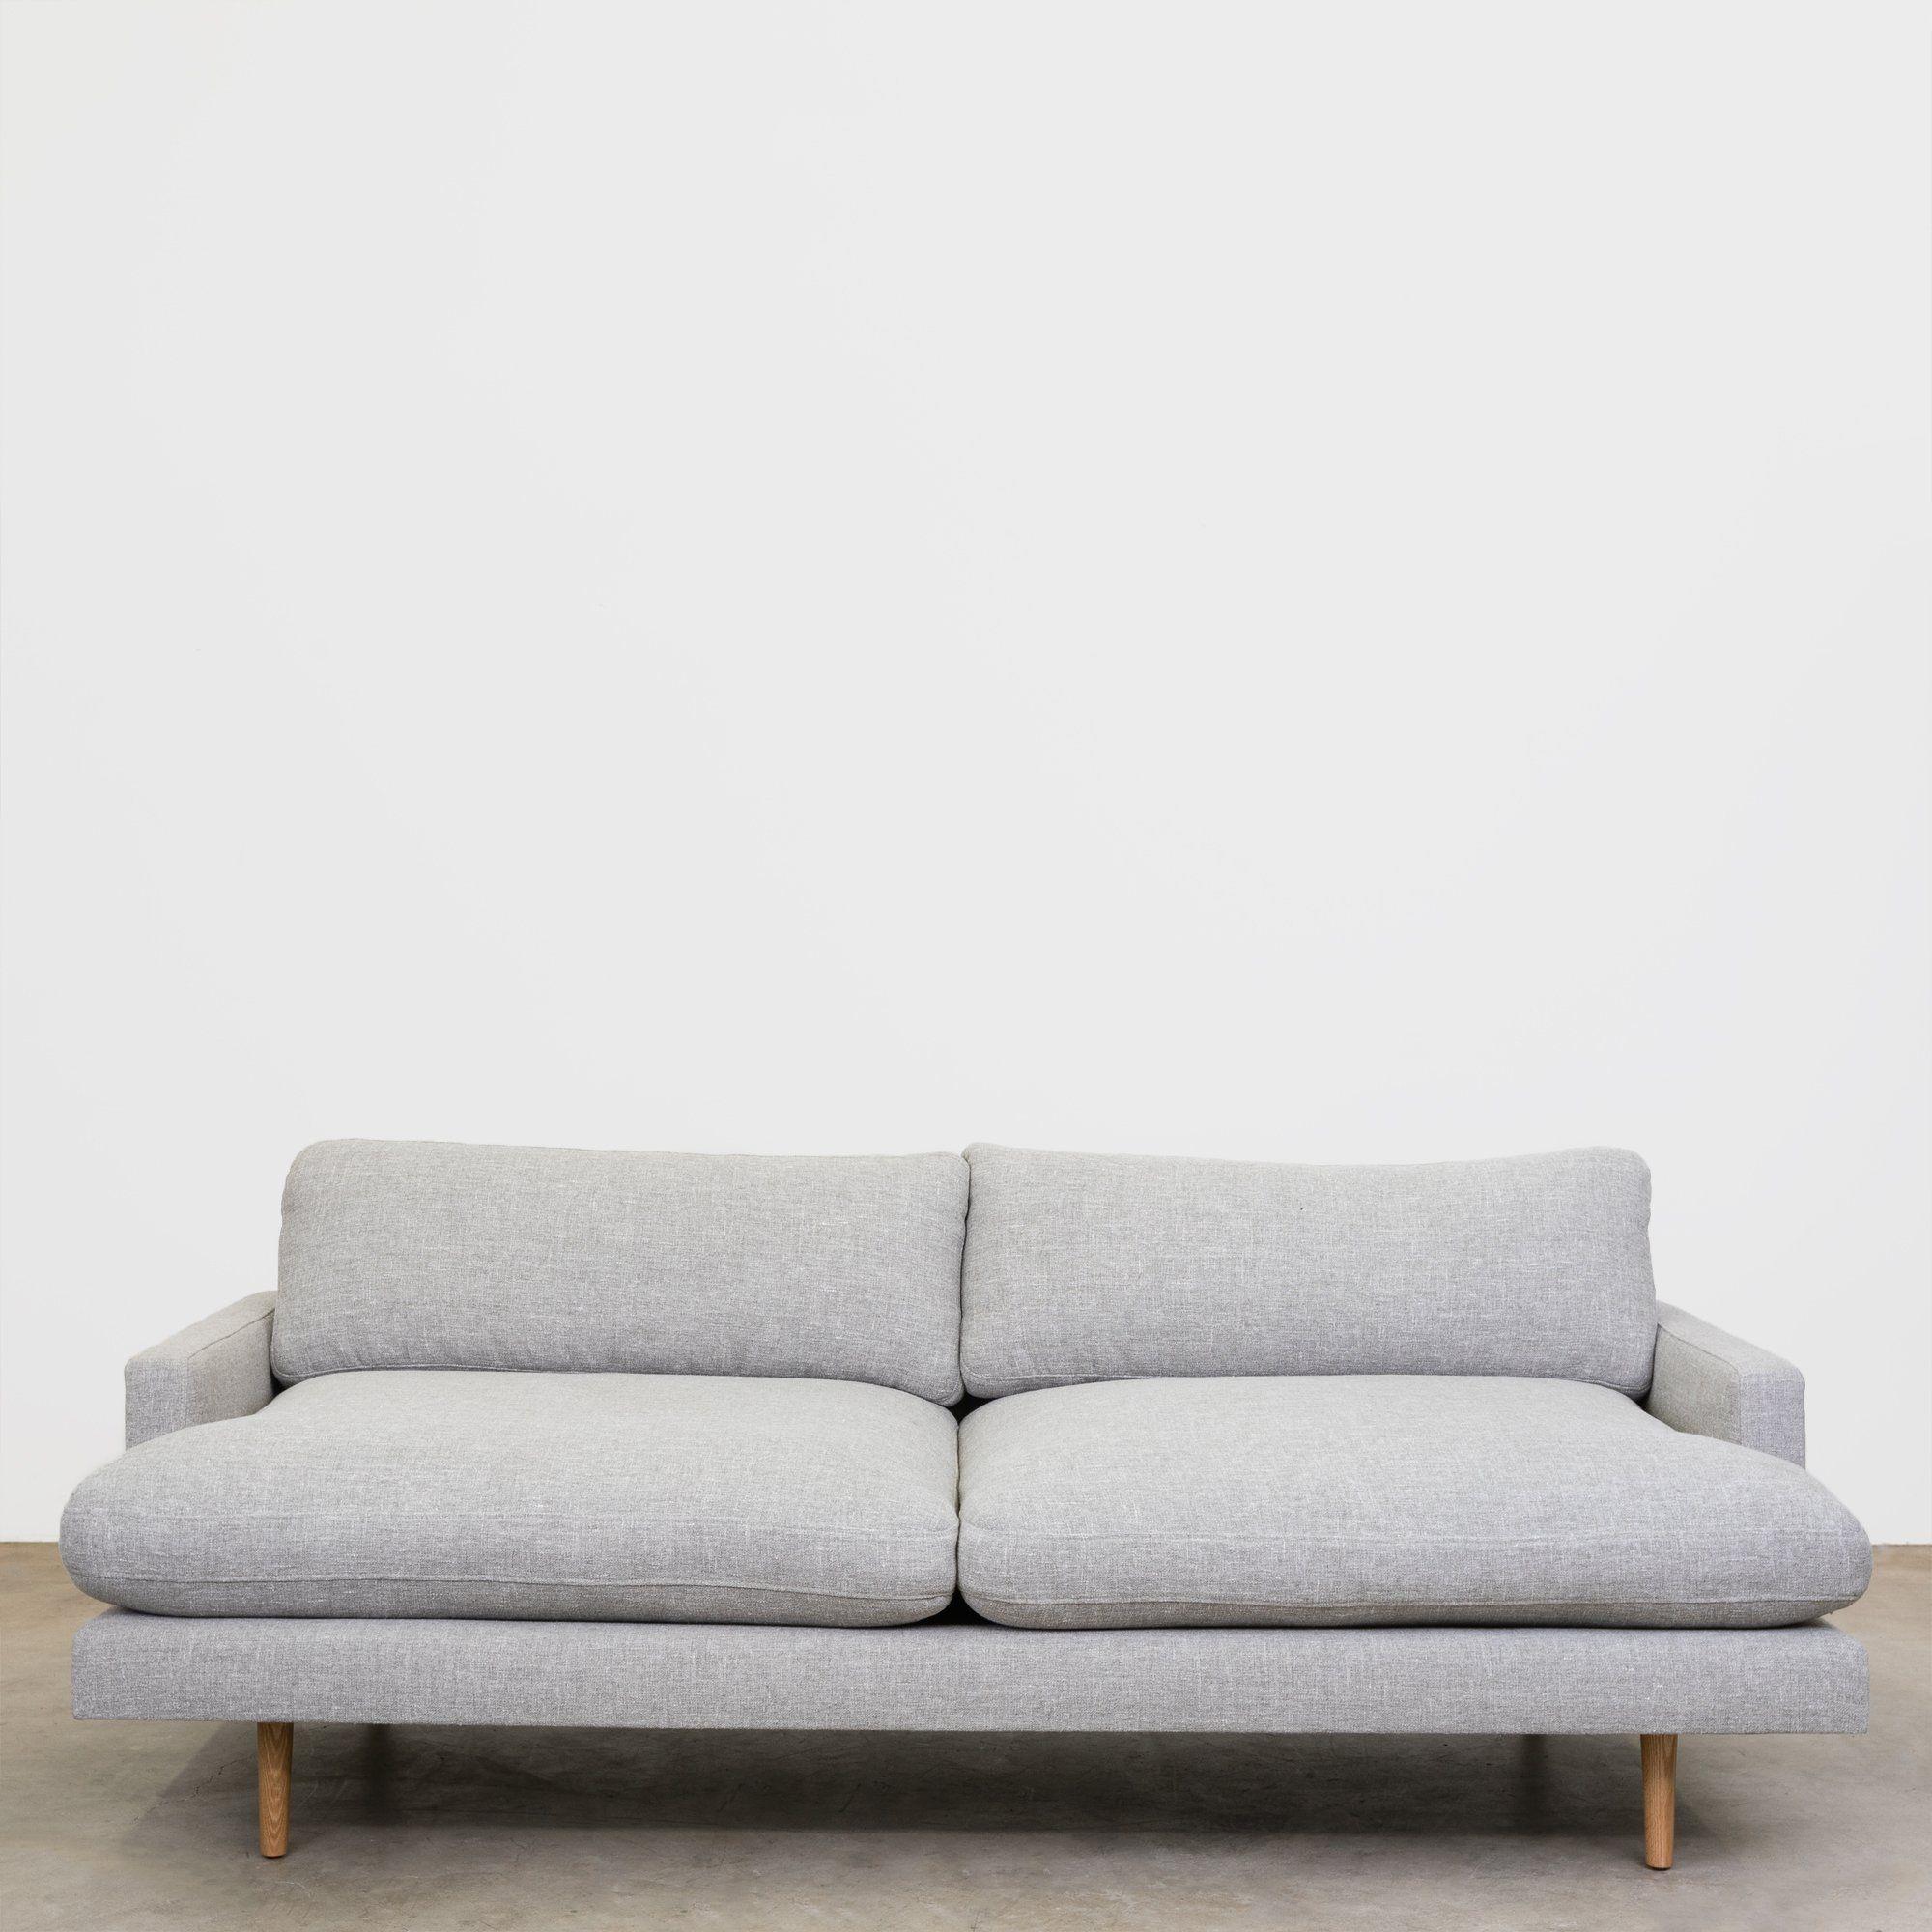 Billie Sofa